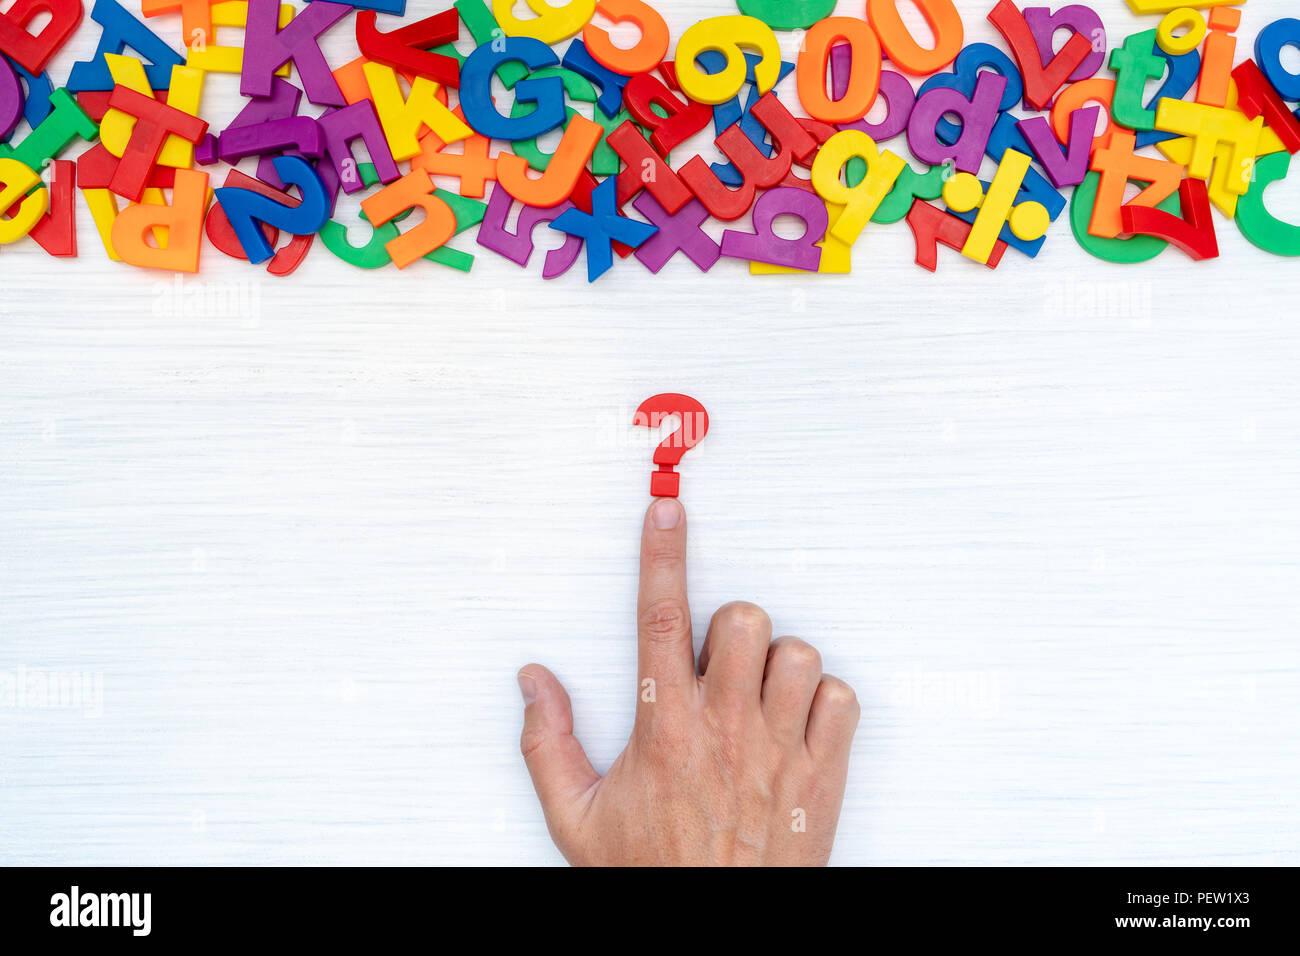 Mano con punto interrogativo sul tavolo con molti numeri di plastica e lettere. Concetto di confusione o curiosità. Immagini Stock